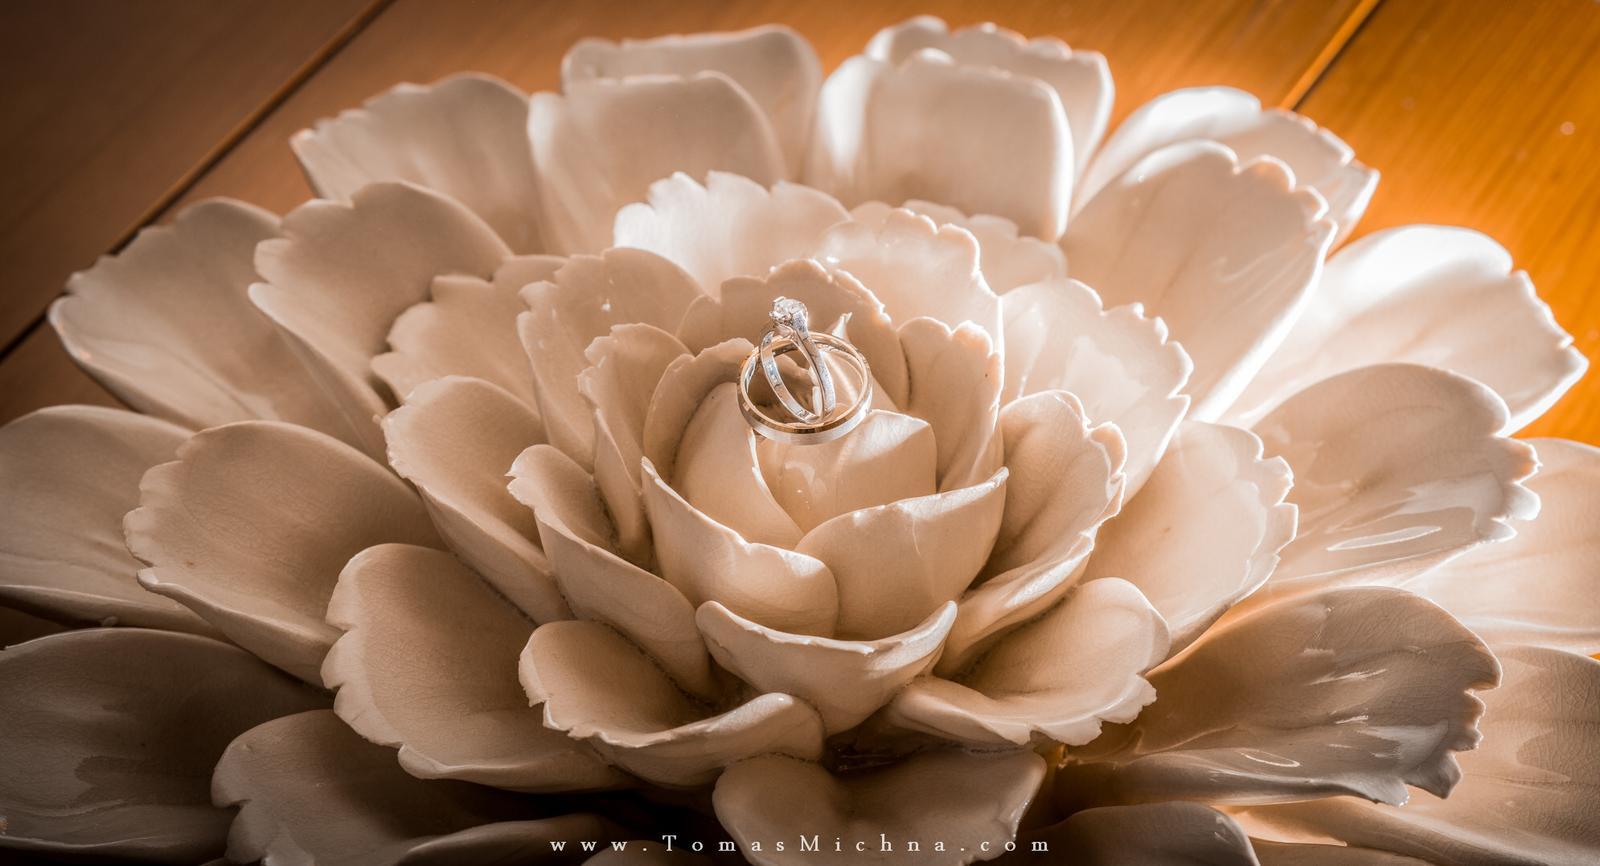 Svatba na Moravě ♥ Monika & Robert ♥ 9.6.2019 ♥ - Obrázek č. 4